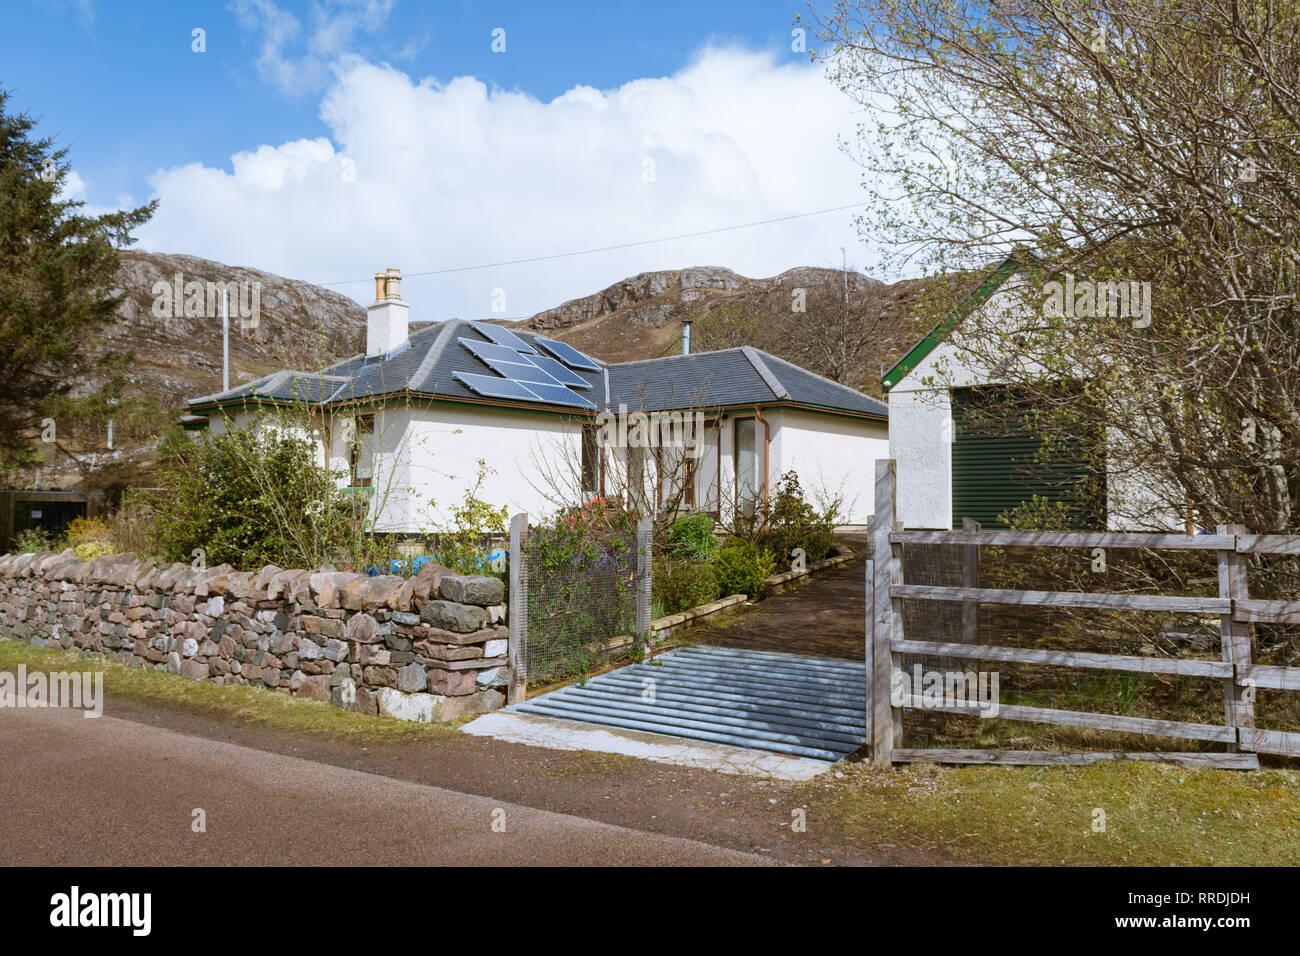 Vieh Grid über Wohn- Auffahrt, Shieldaig, Scottish Highlands, Großbritannien Stockbild